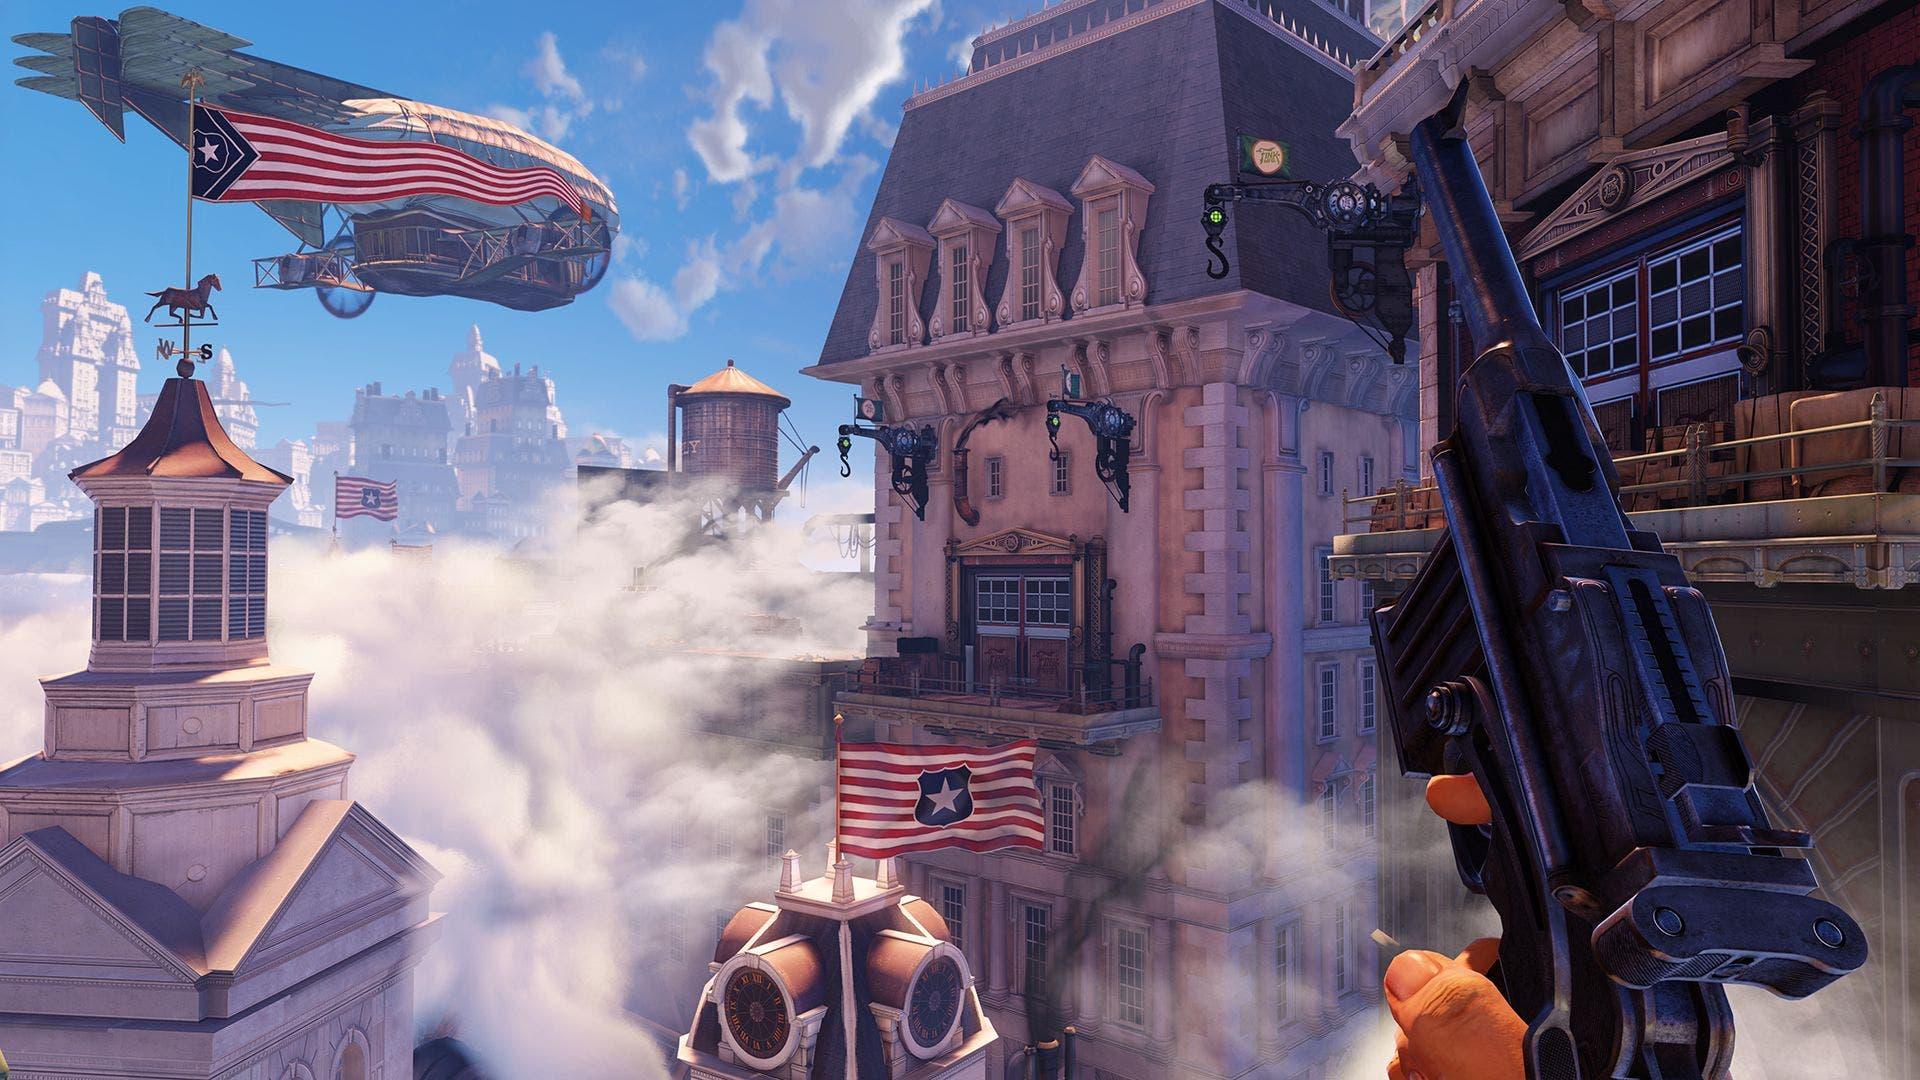 Nuevo lío con una remasterización, Bioshock Infinite no cumple con los 4K y HDR 2